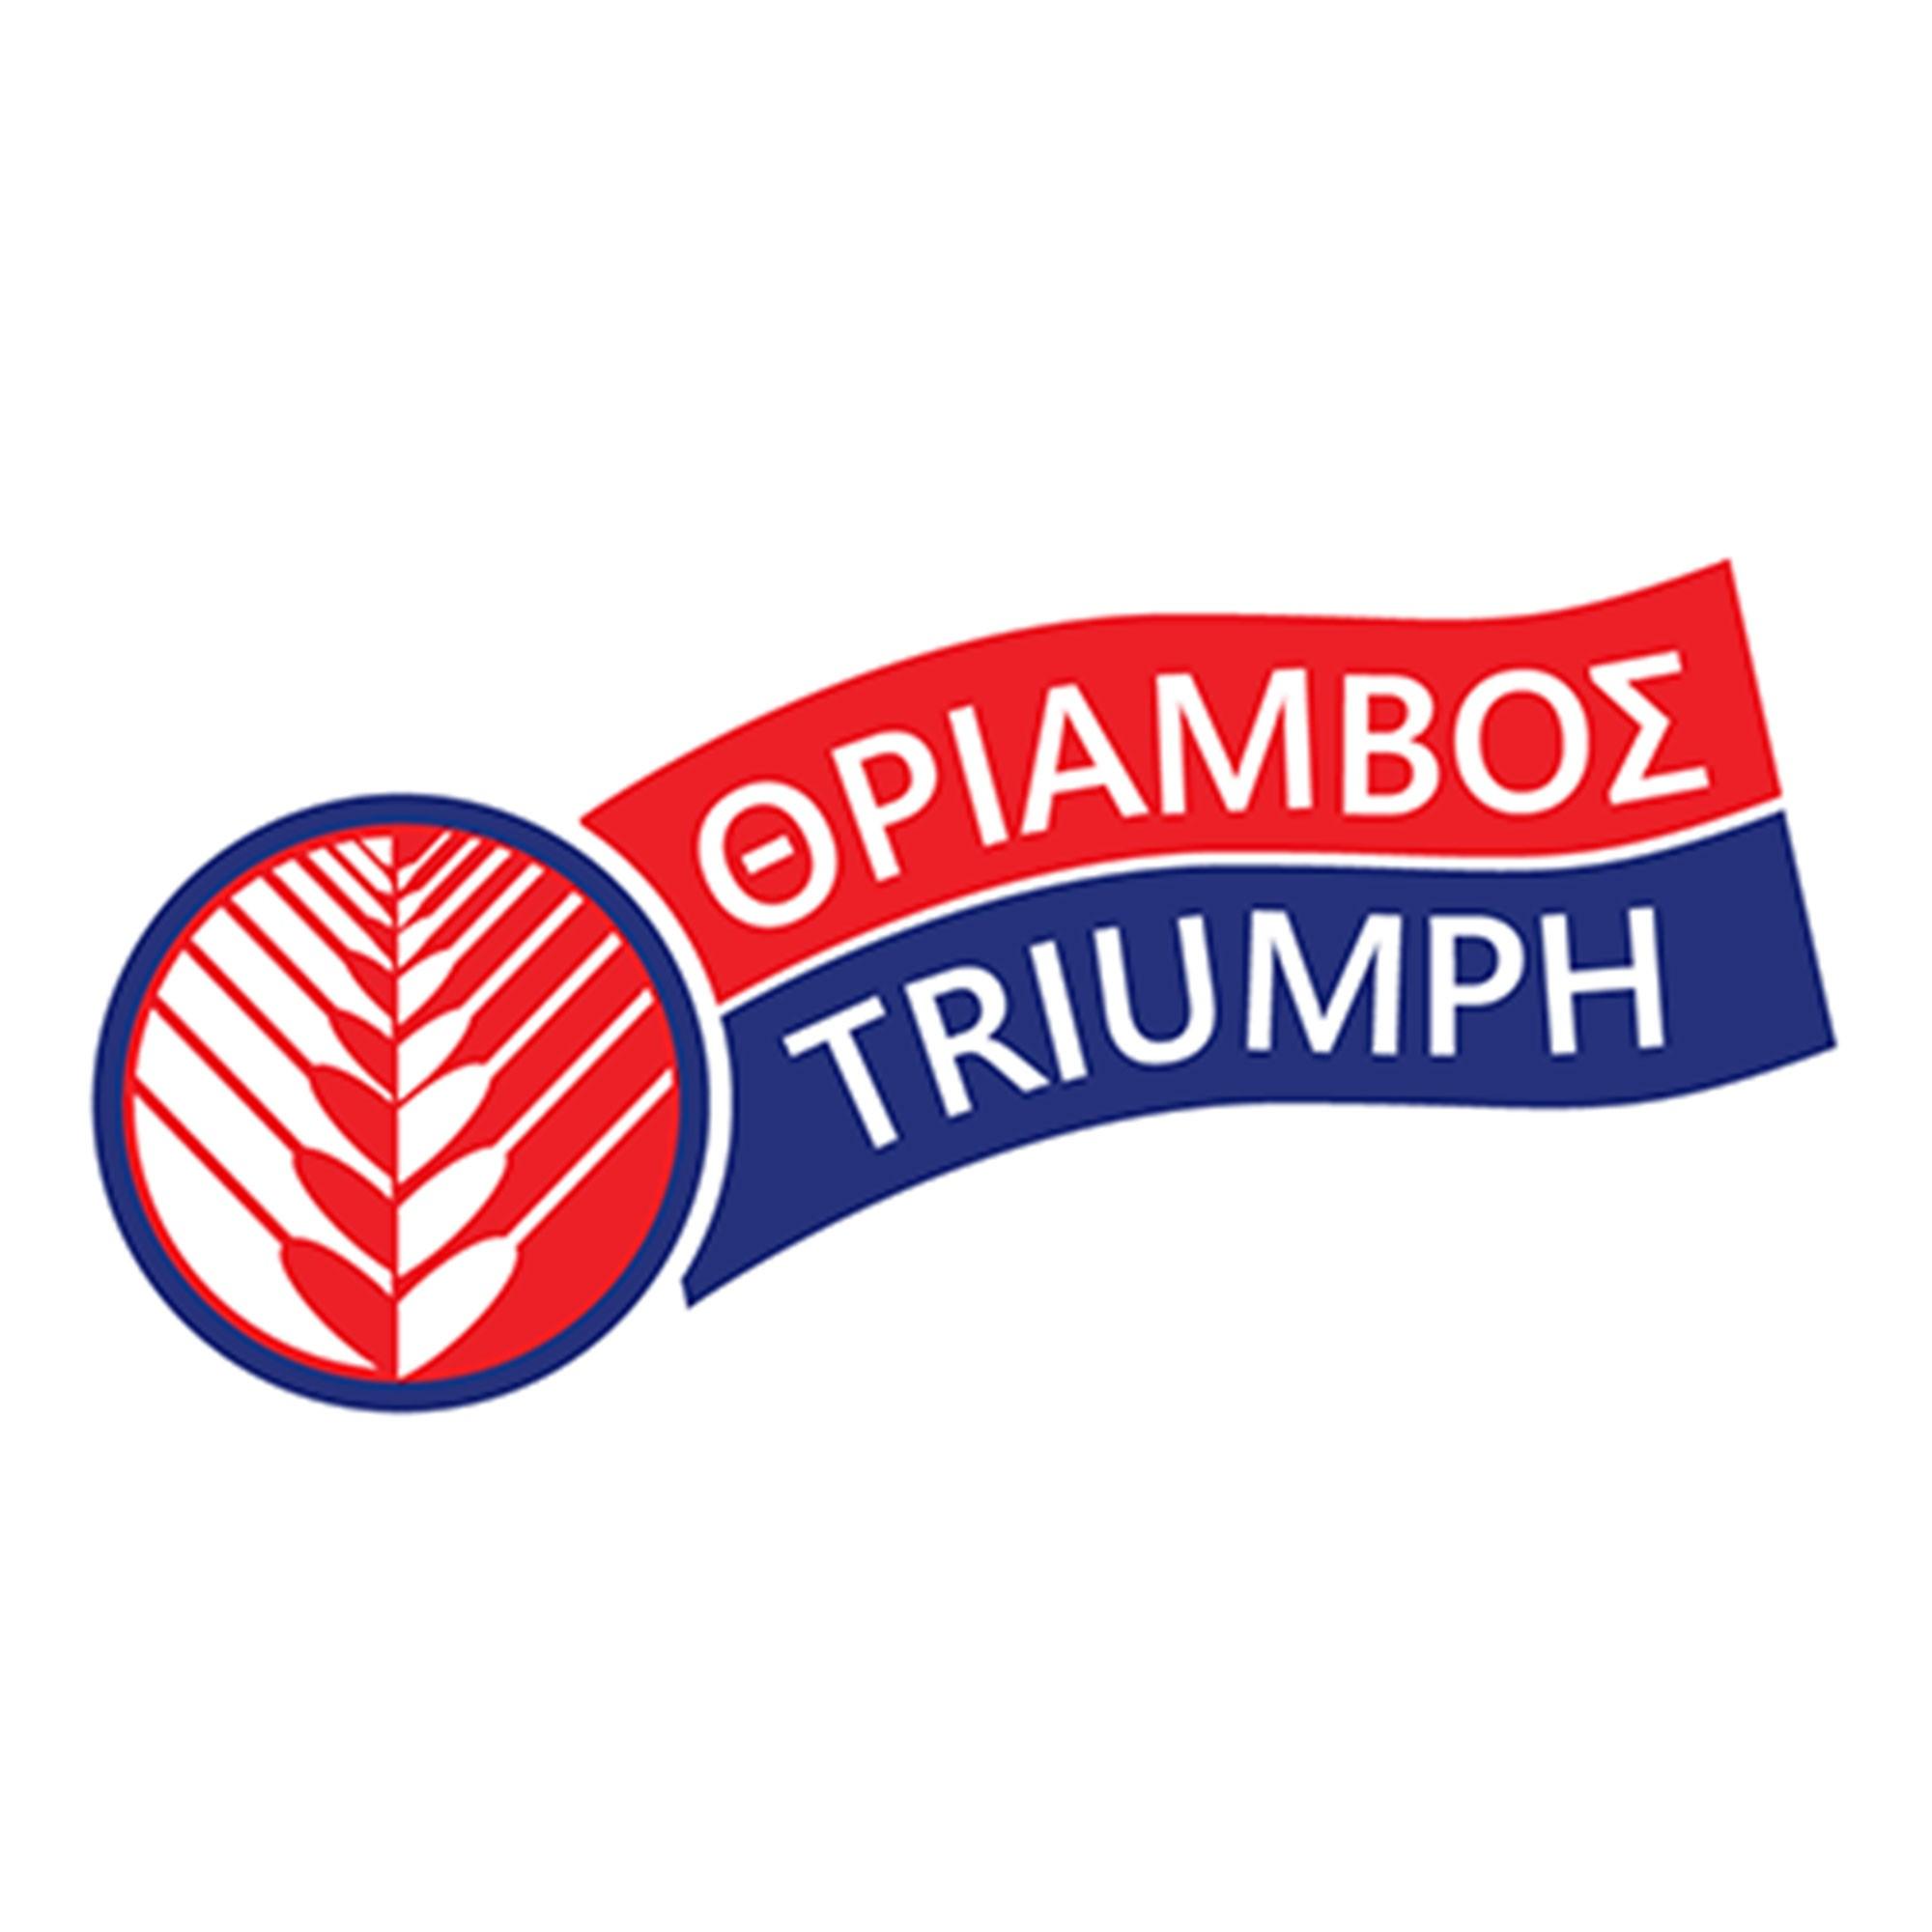 ΘΡΙΑΜΒΟΣ TRIUMPH